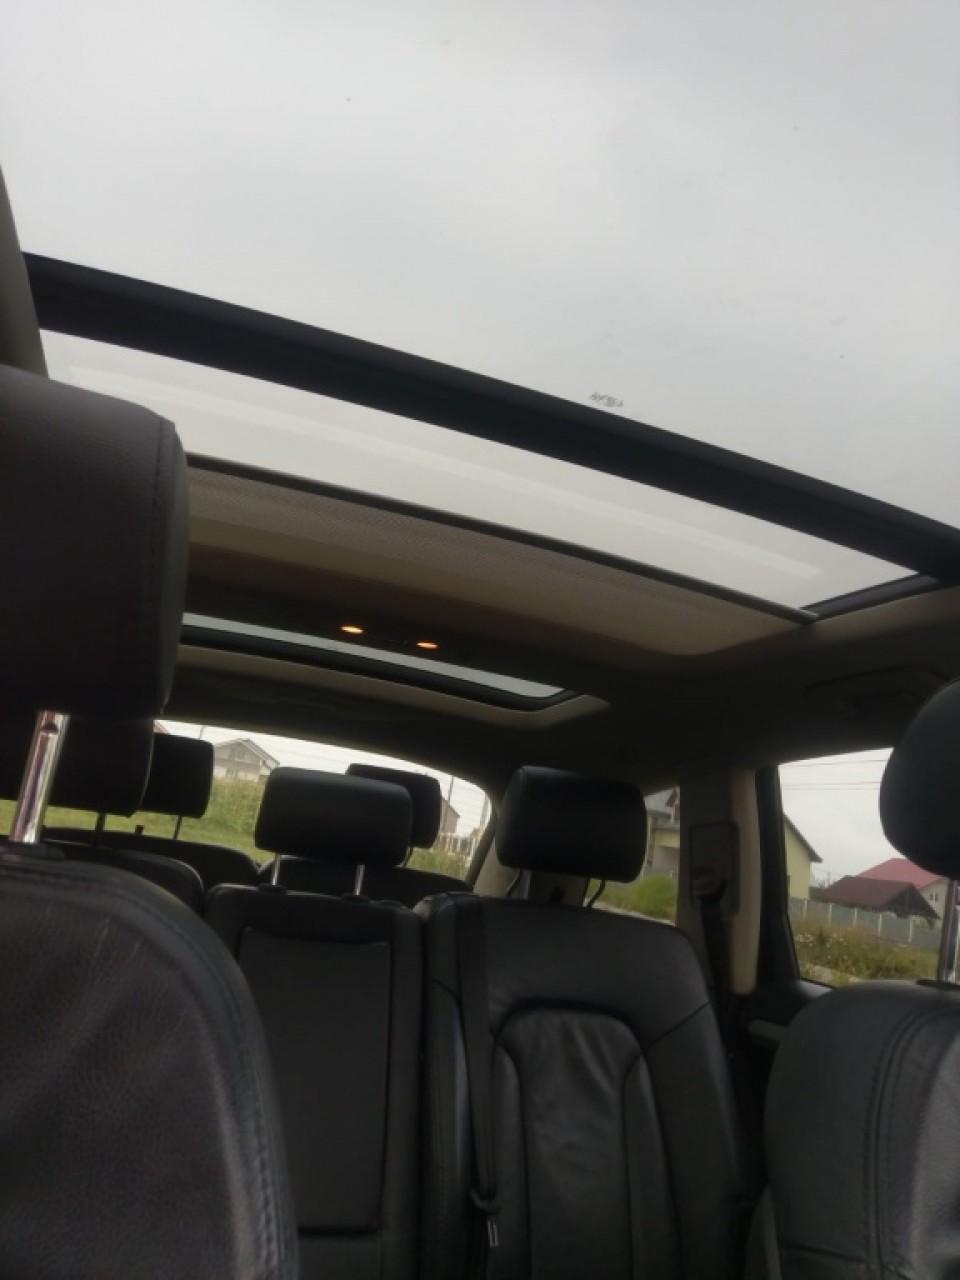 Sonda lambda Audi Q7 2006 SUV 3.0tdi